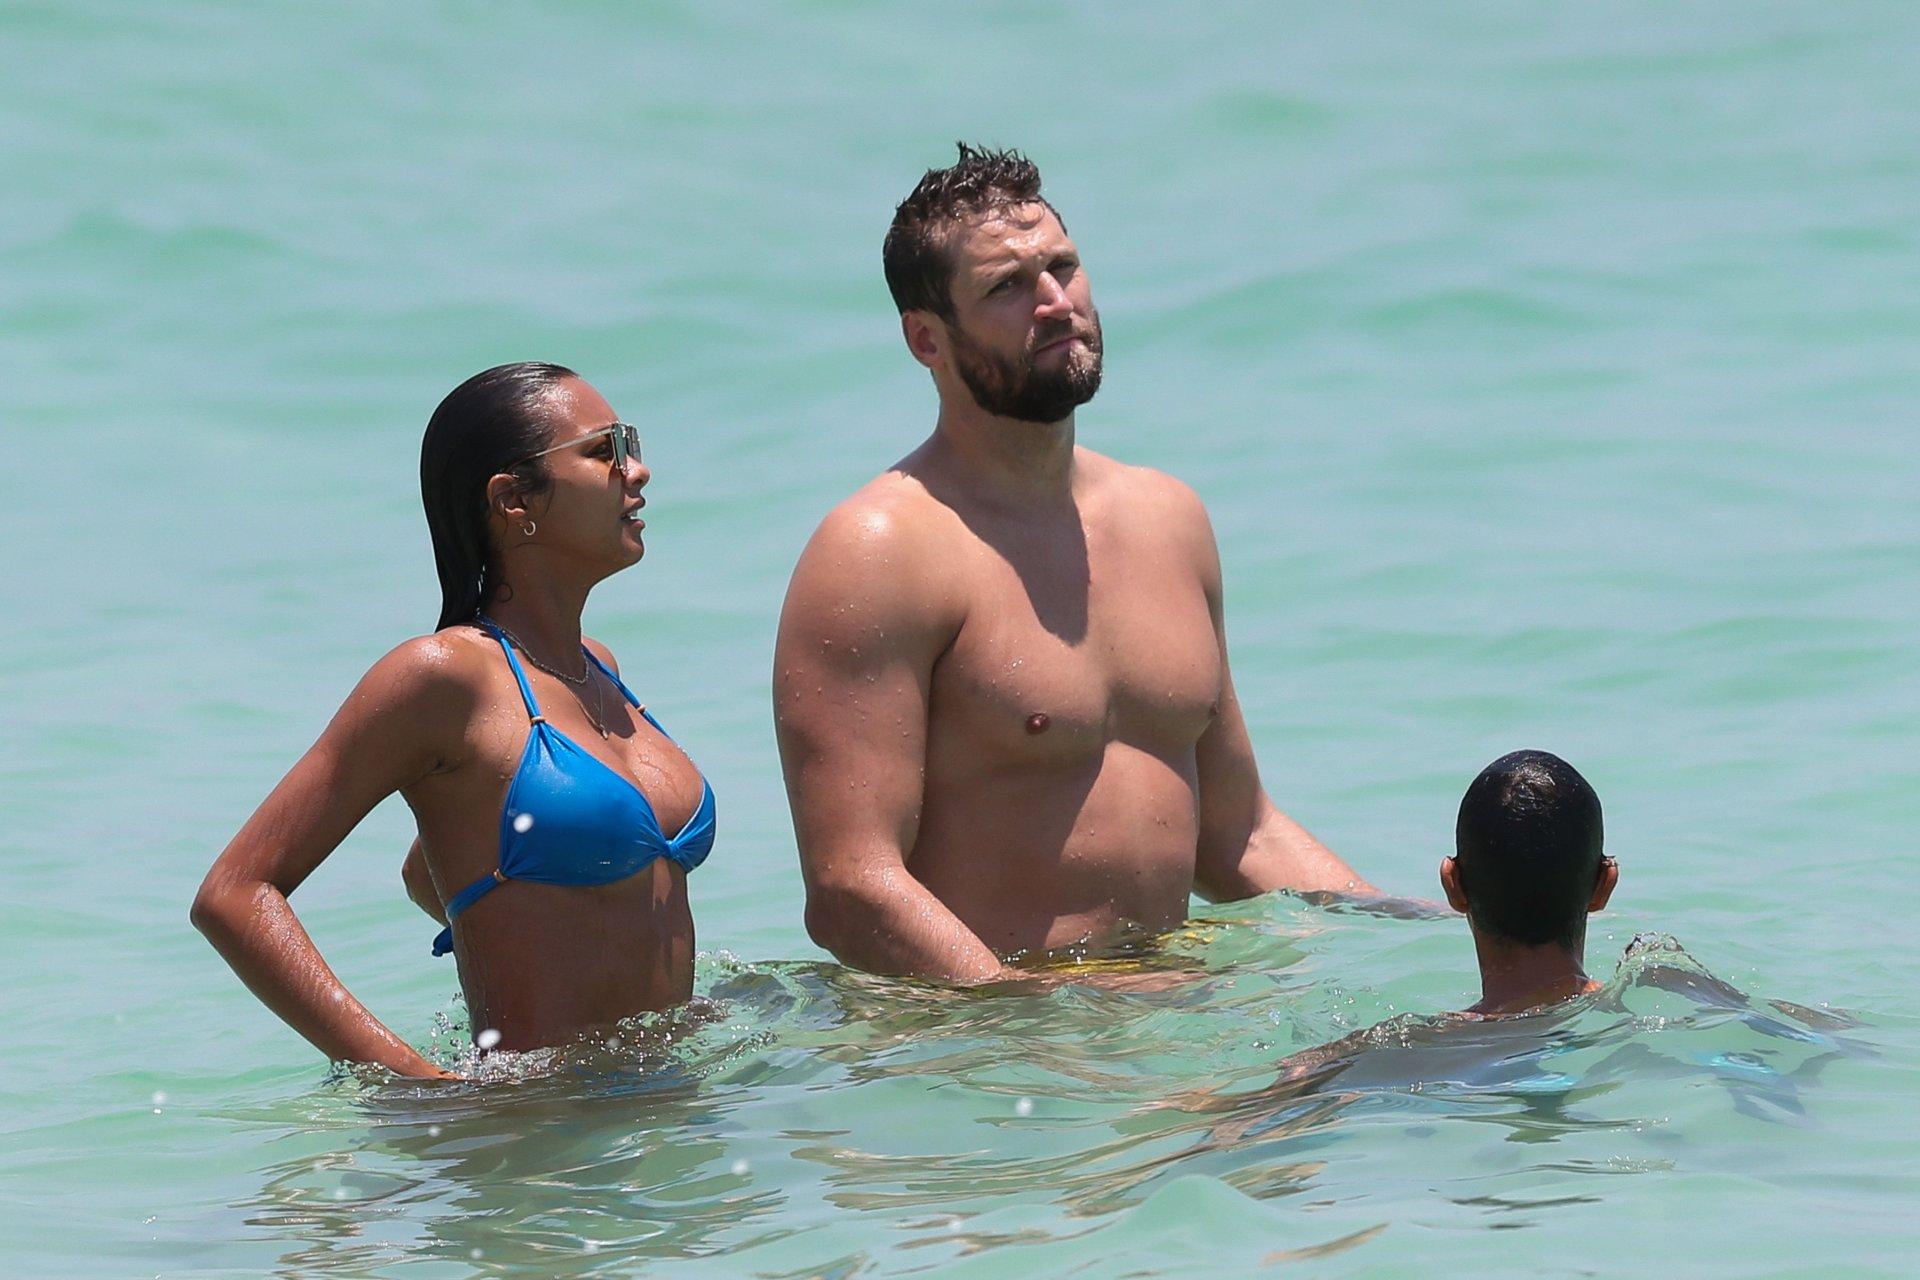 lais ribeiro and alfonso ribeiro gay nude photos 1